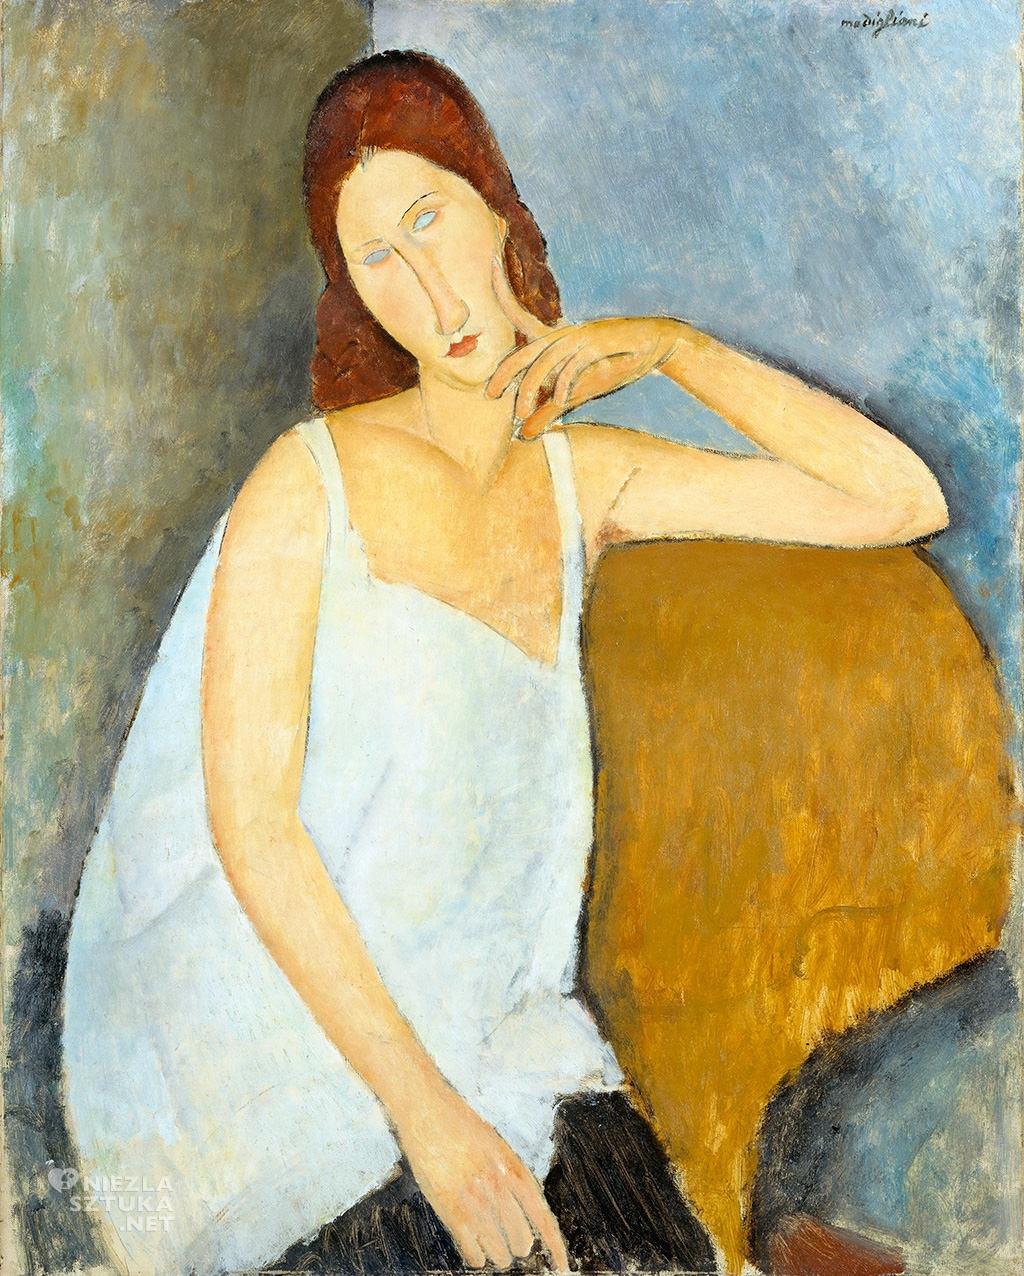 Amedeo Modigliani, Jeanne Hebuterne, sztuka włoska, malarstwo olejne, portret, ekspresjonizm, sztuka nowoczesna, Ecole de Paris, Niezła Sztuka